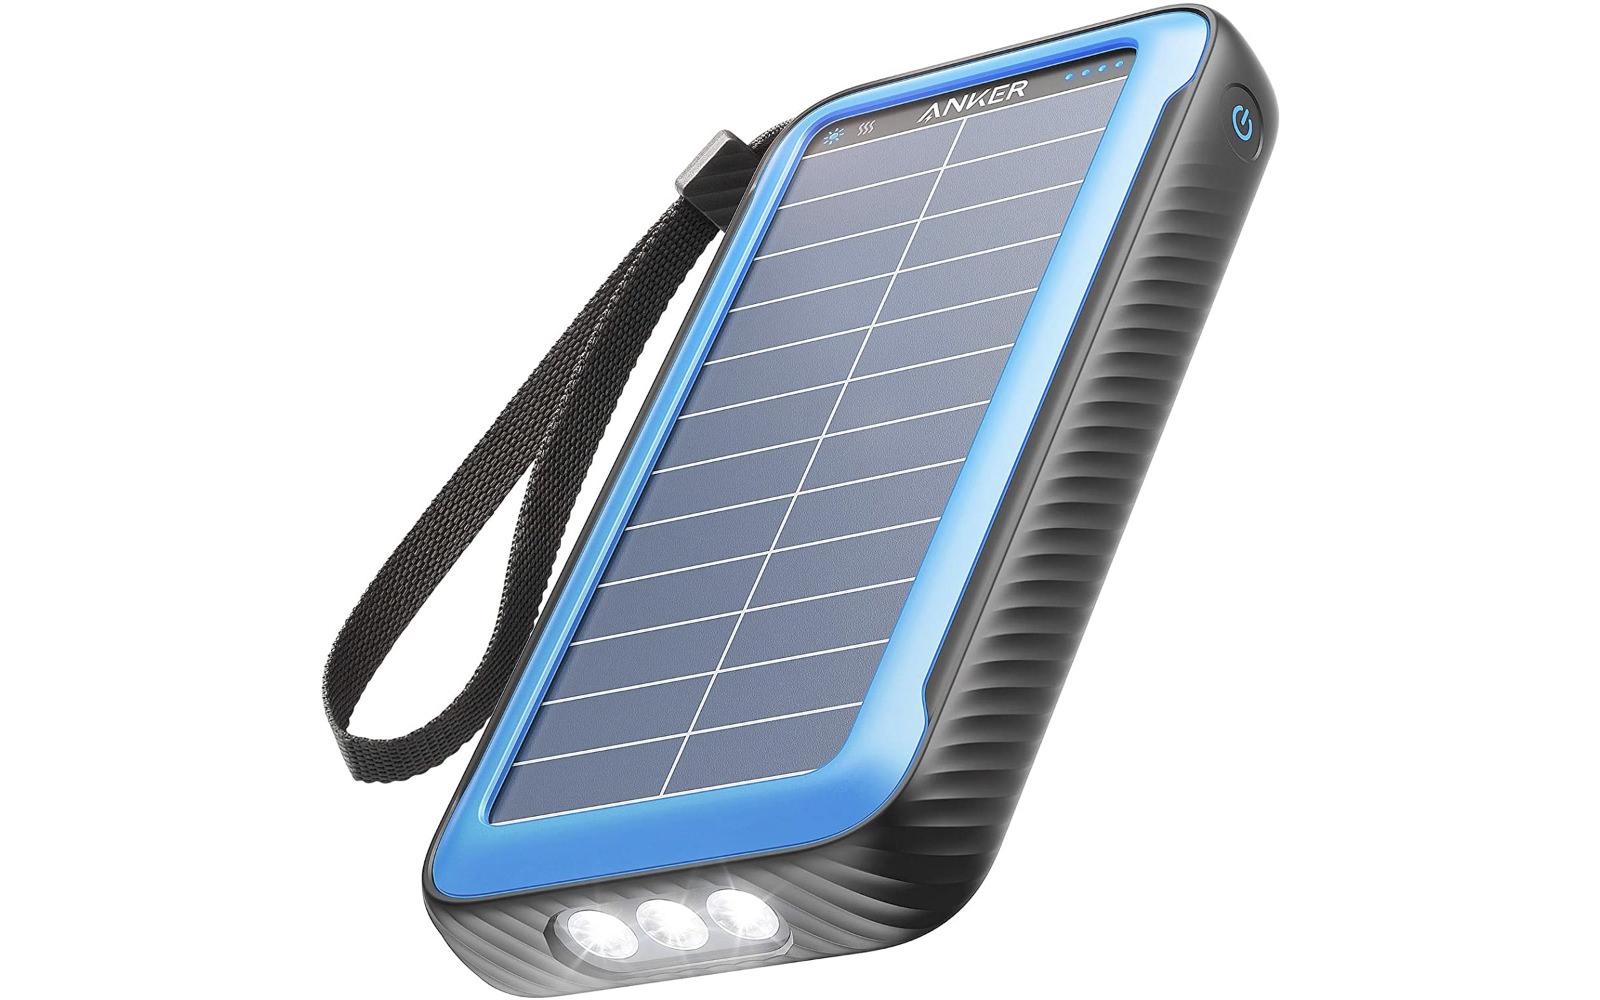 Anker Solar Powered Mobile Battery